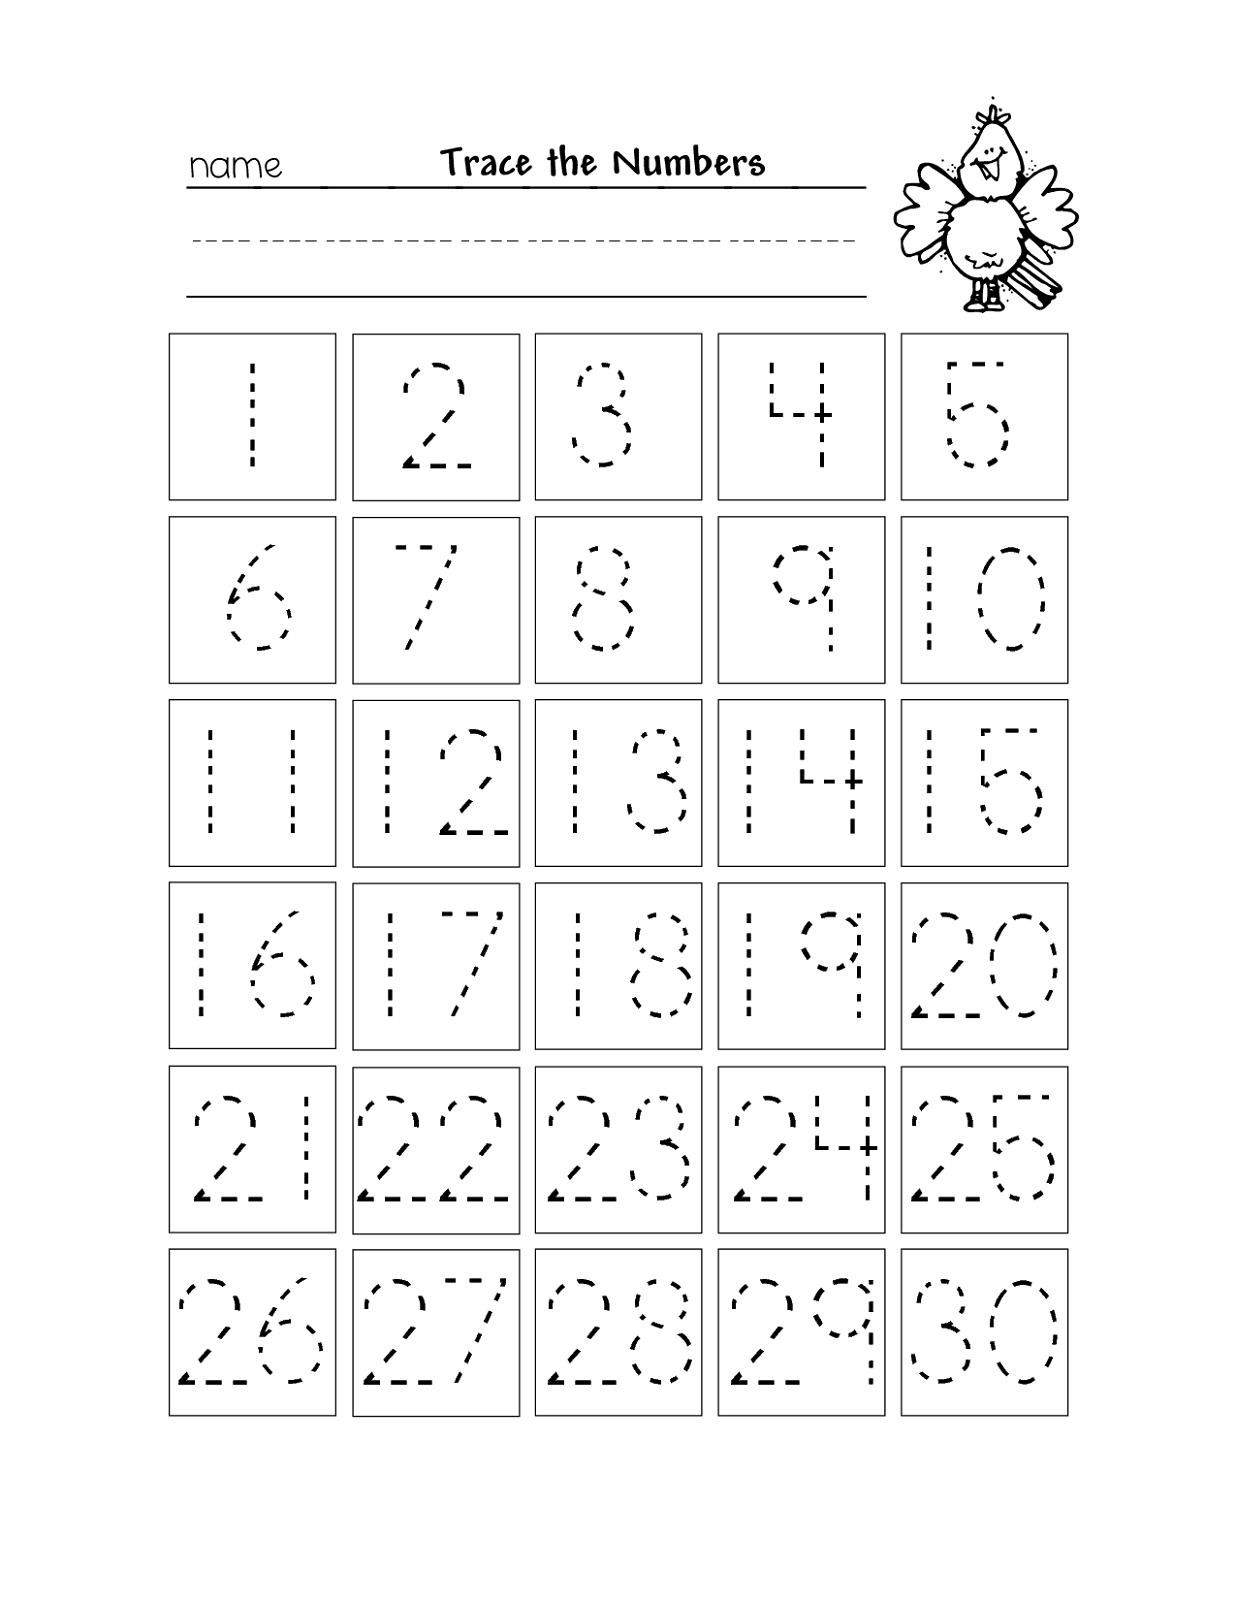 Free Printable Number Chart 1-30   Kinder   Number Tracing - Free Printable Tracing Numbers 1 50